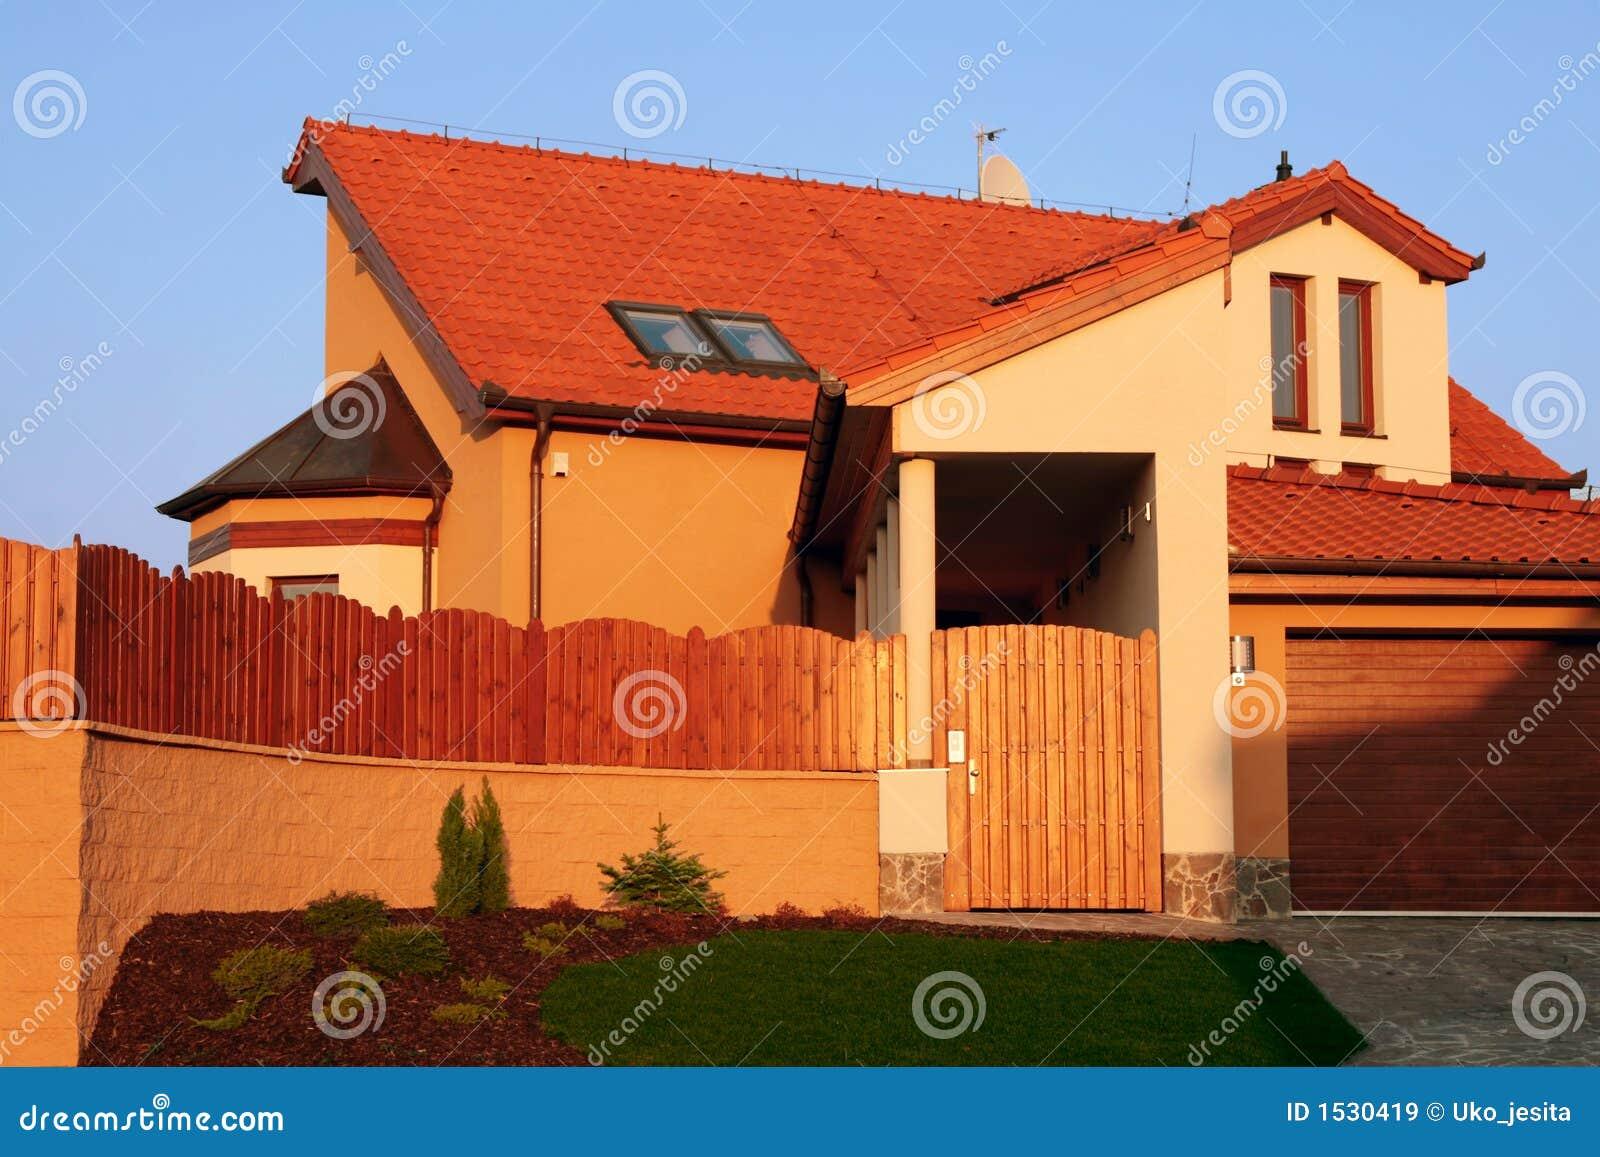 brick luxury home